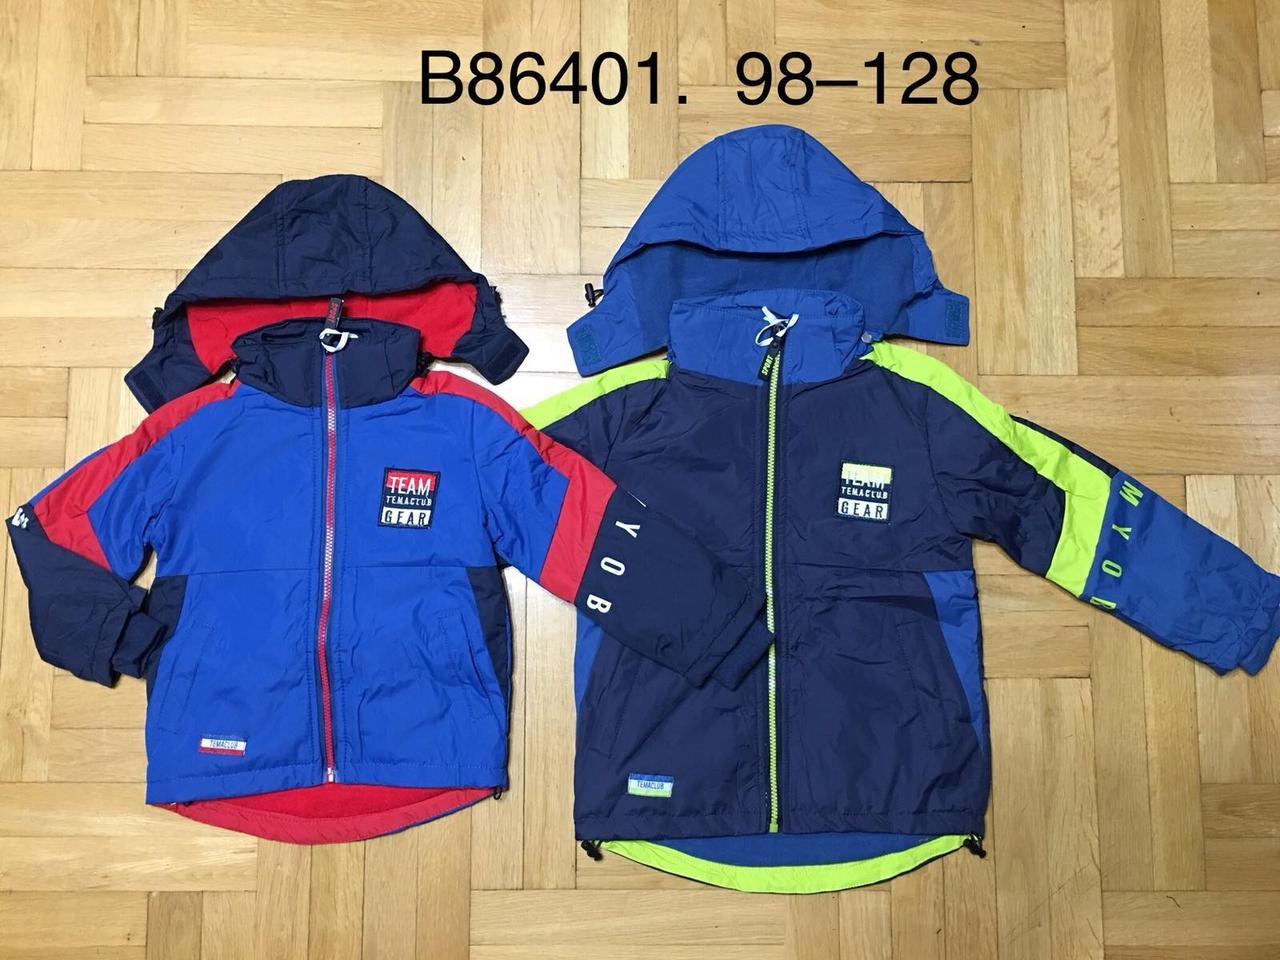 Куртки для мальчиков на флисе оптом, GRACE, размеры 98-128, арт. B-86401